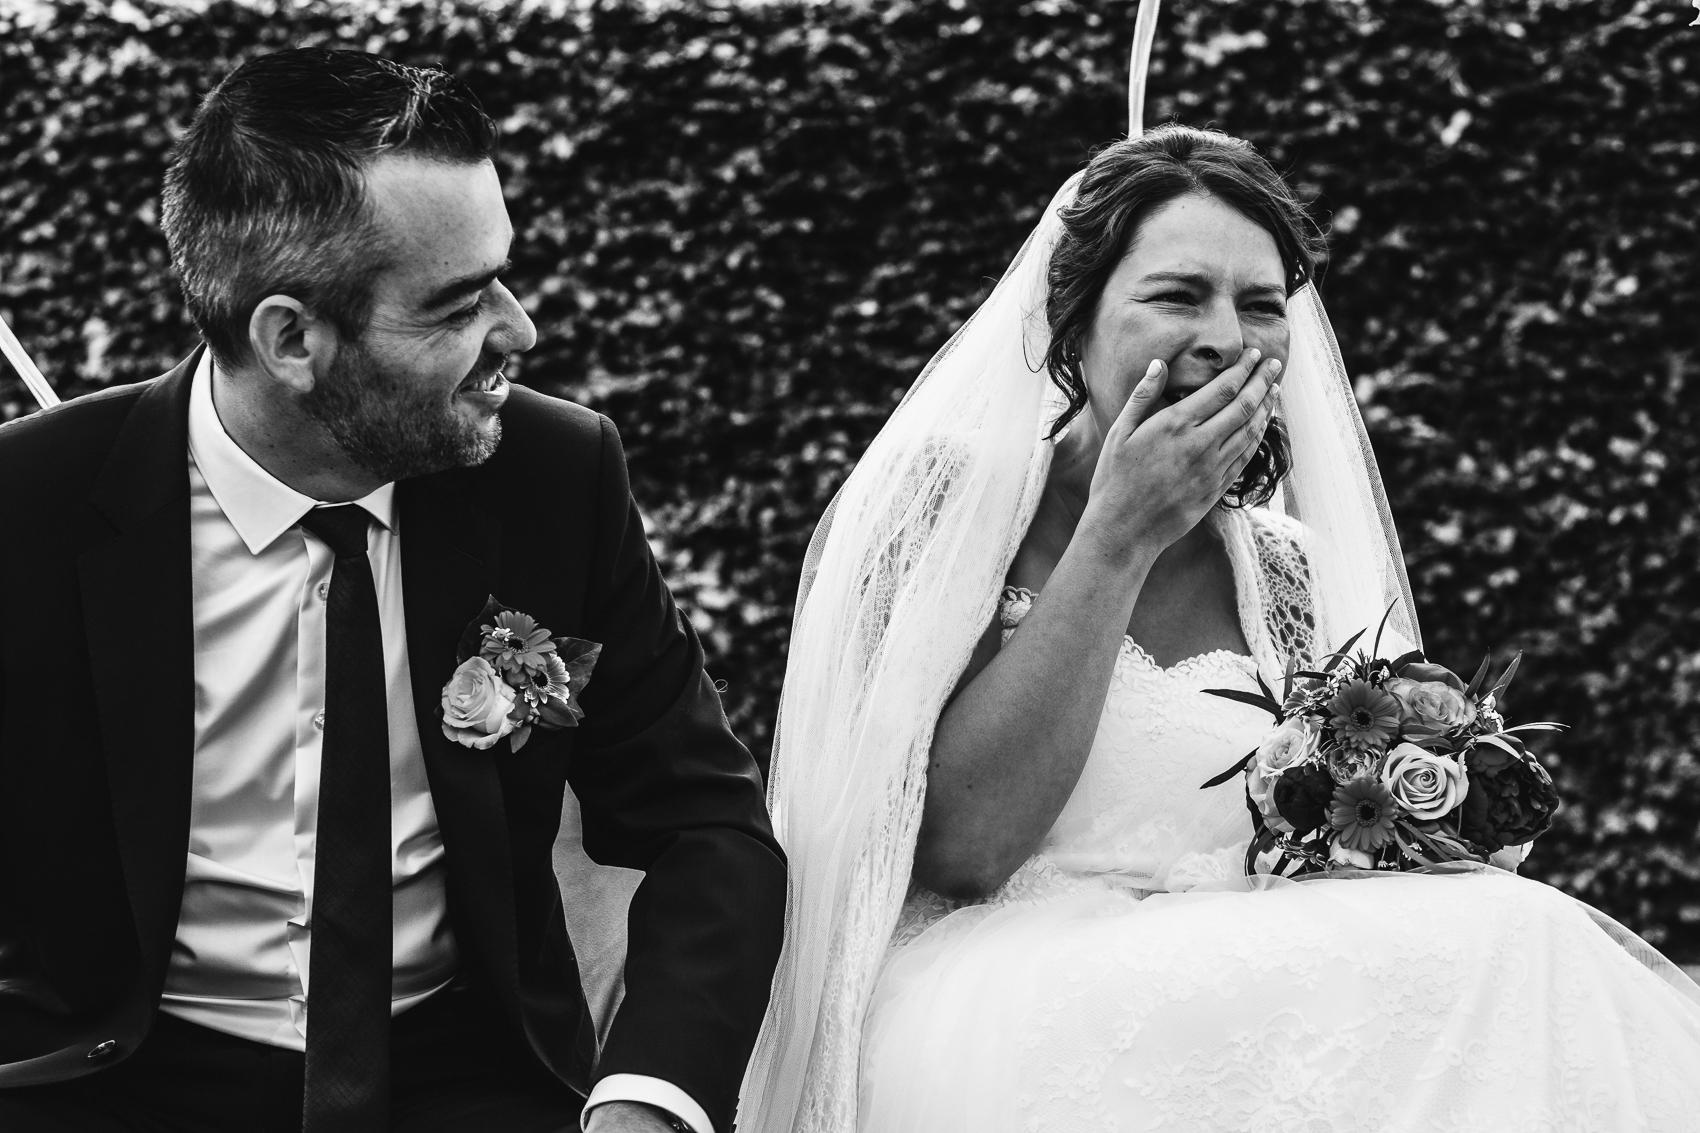 iso800 - huwelijksfotograaf katrien bart park west antwerpen-10.jpg